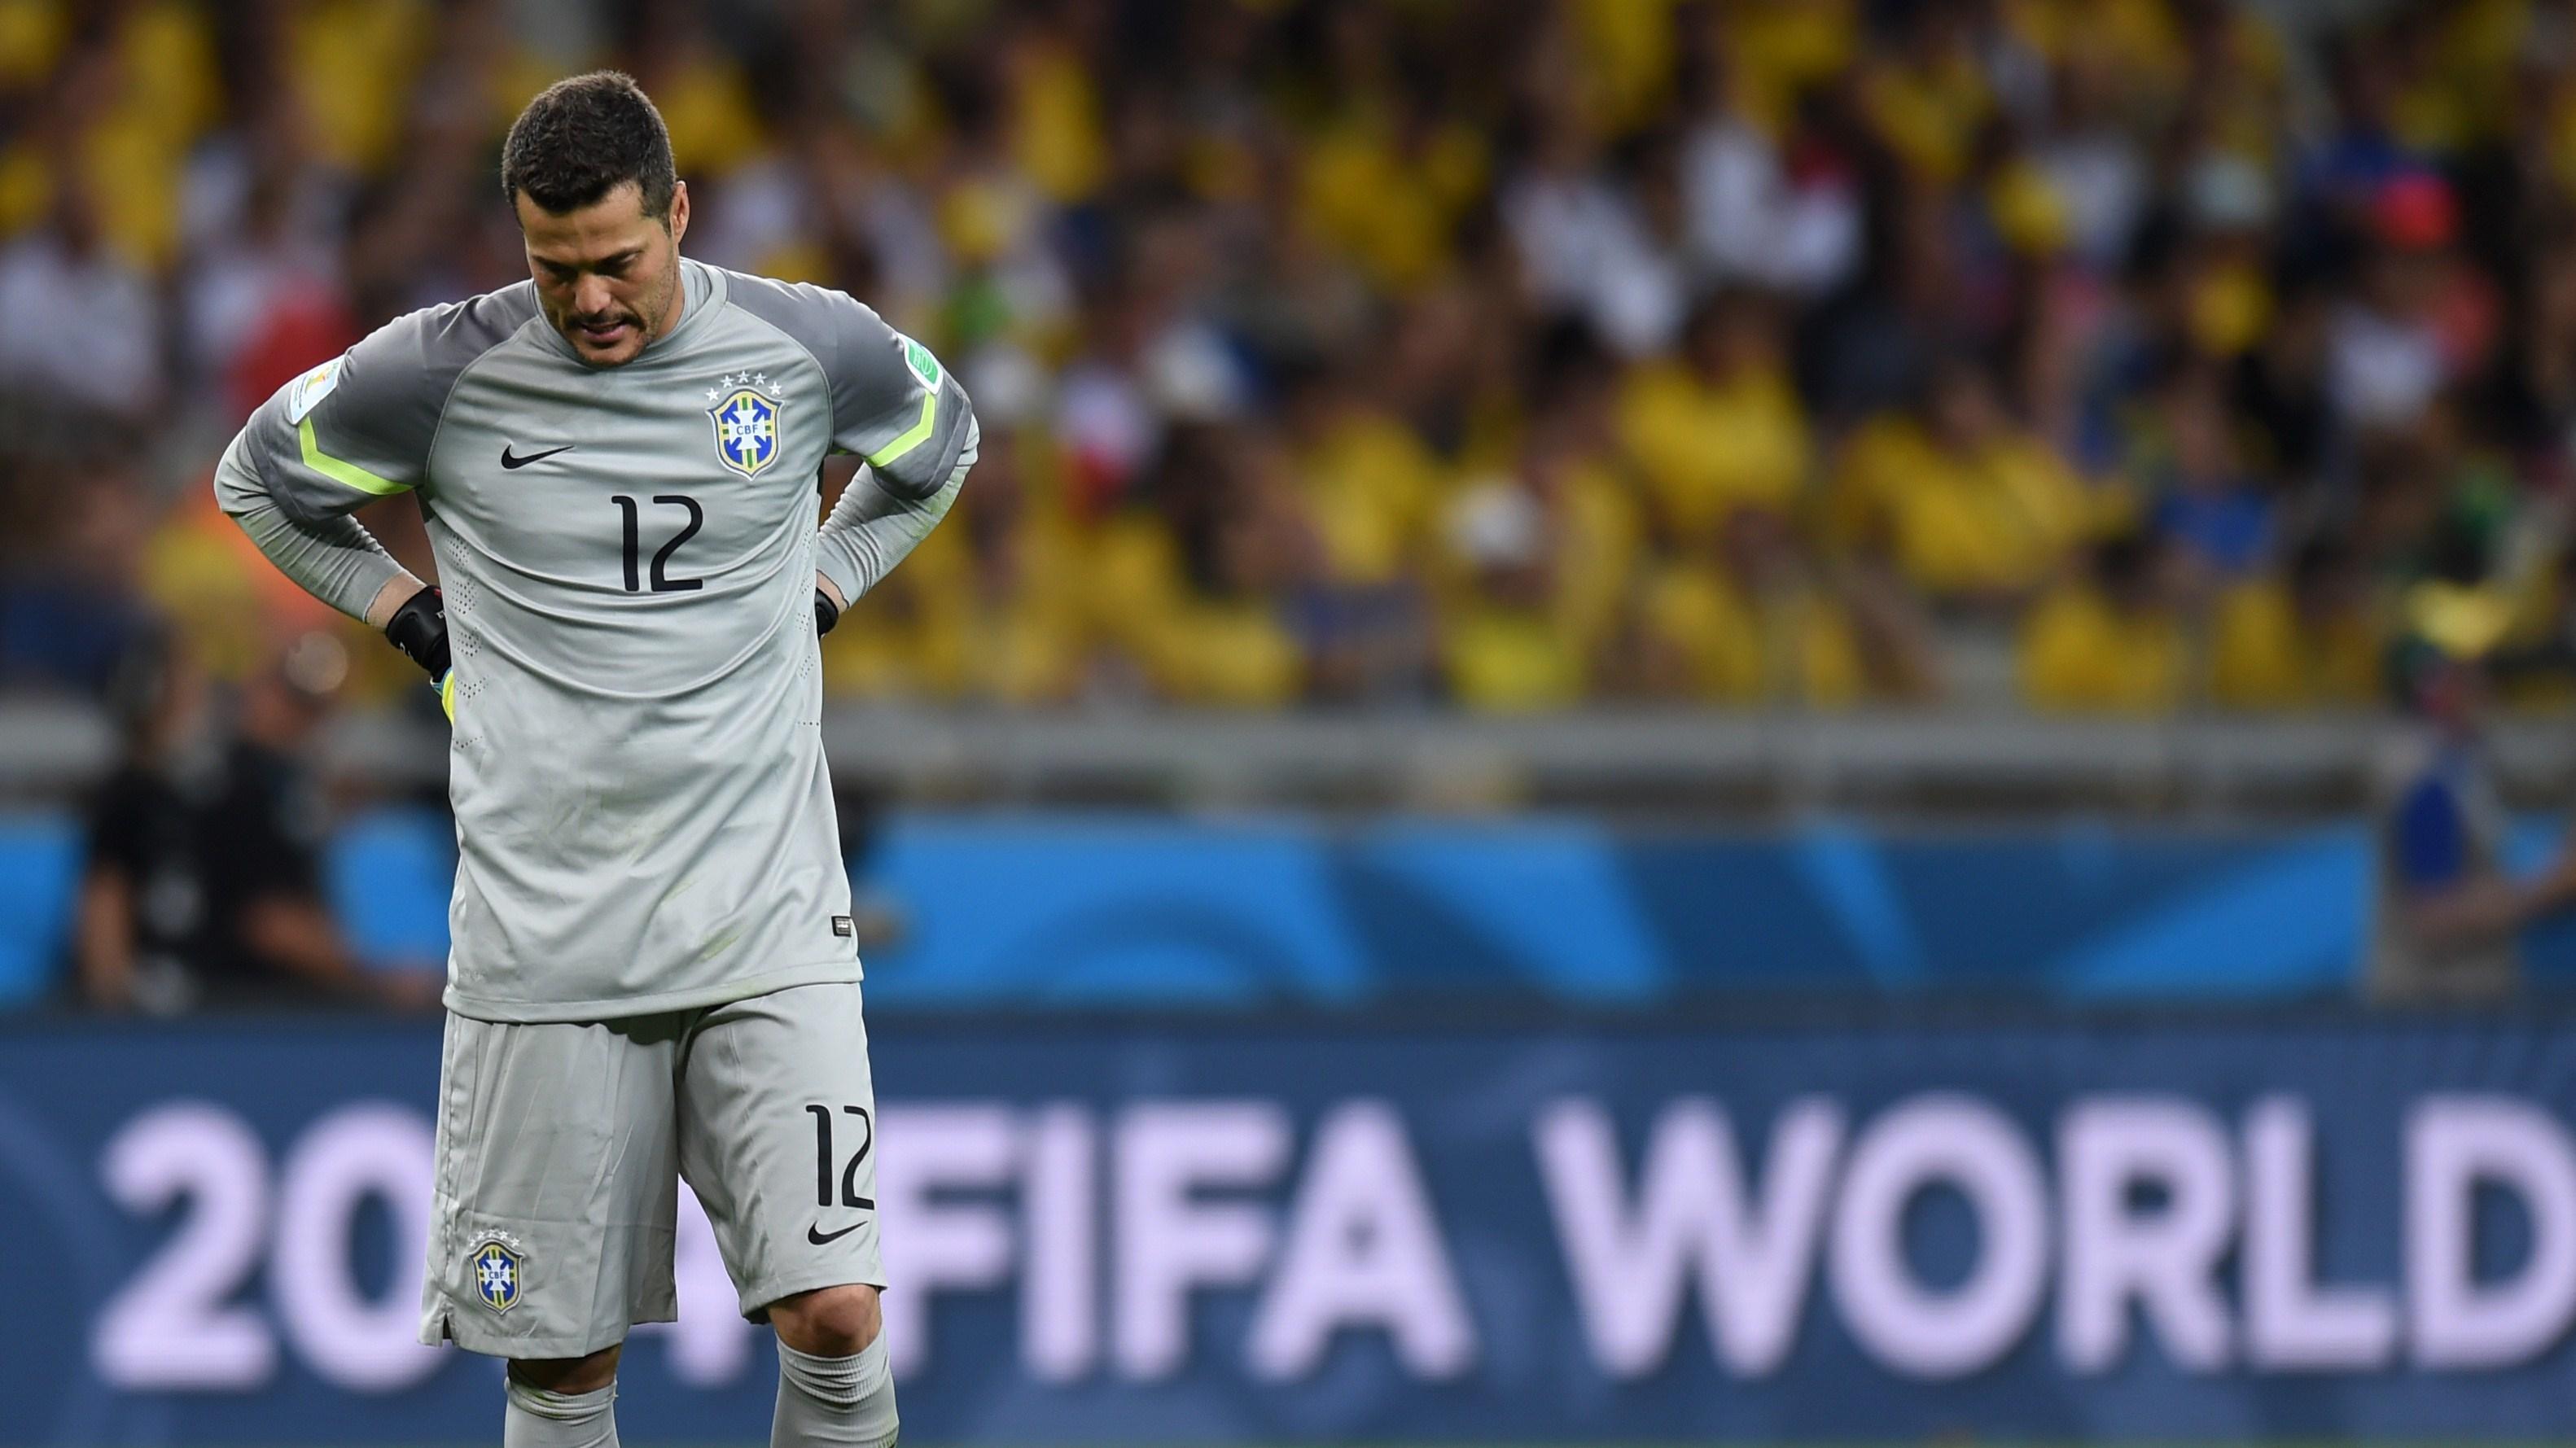 fc849ee8a Mundial 2014: najwyższa przegrana Brazylii w historii - Sport